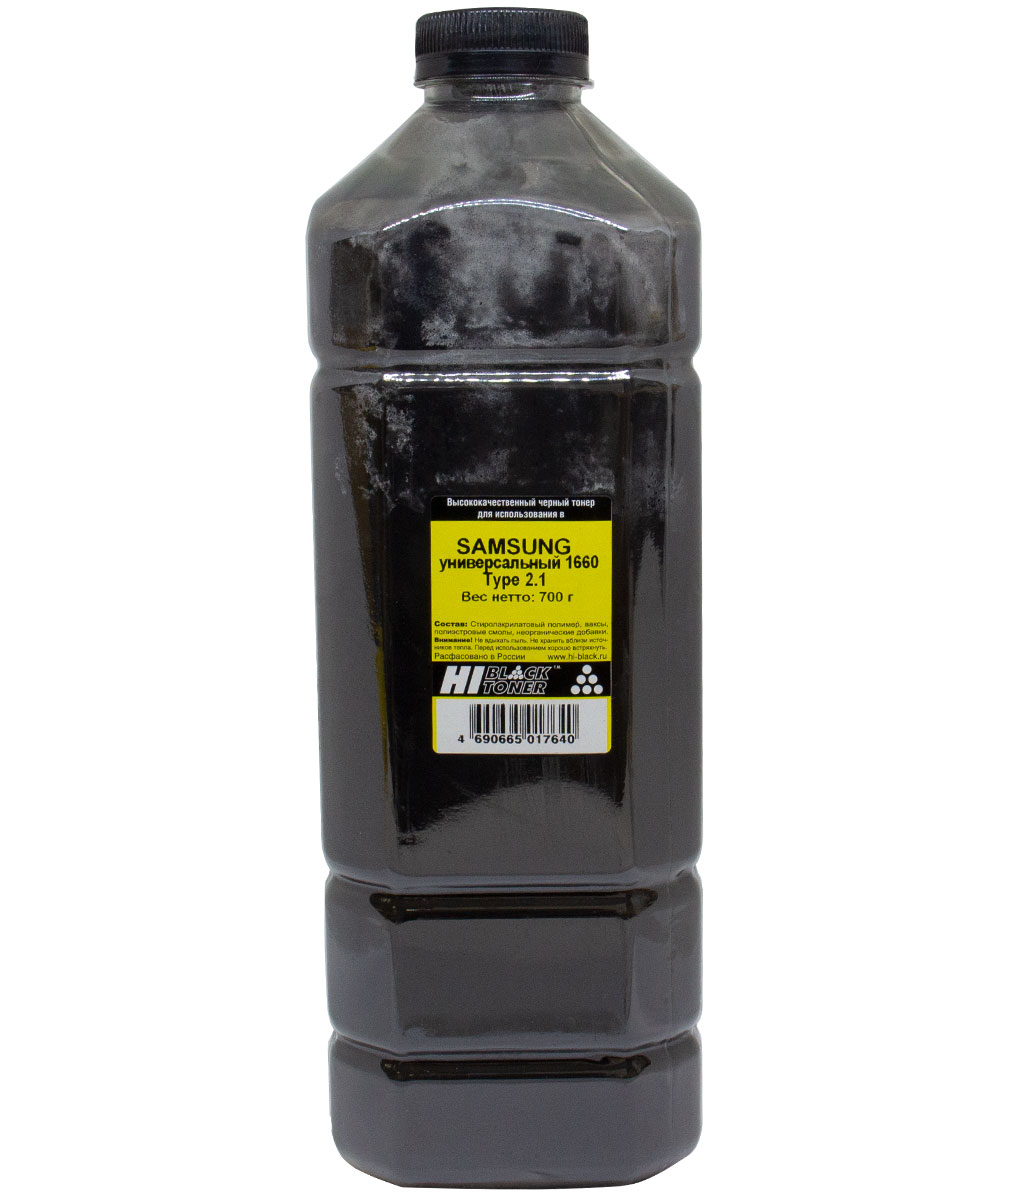 Тонер Hi-Black Универсальный для Samsung ML-1660, Тип 2.1, Bk, 700 г, канистра